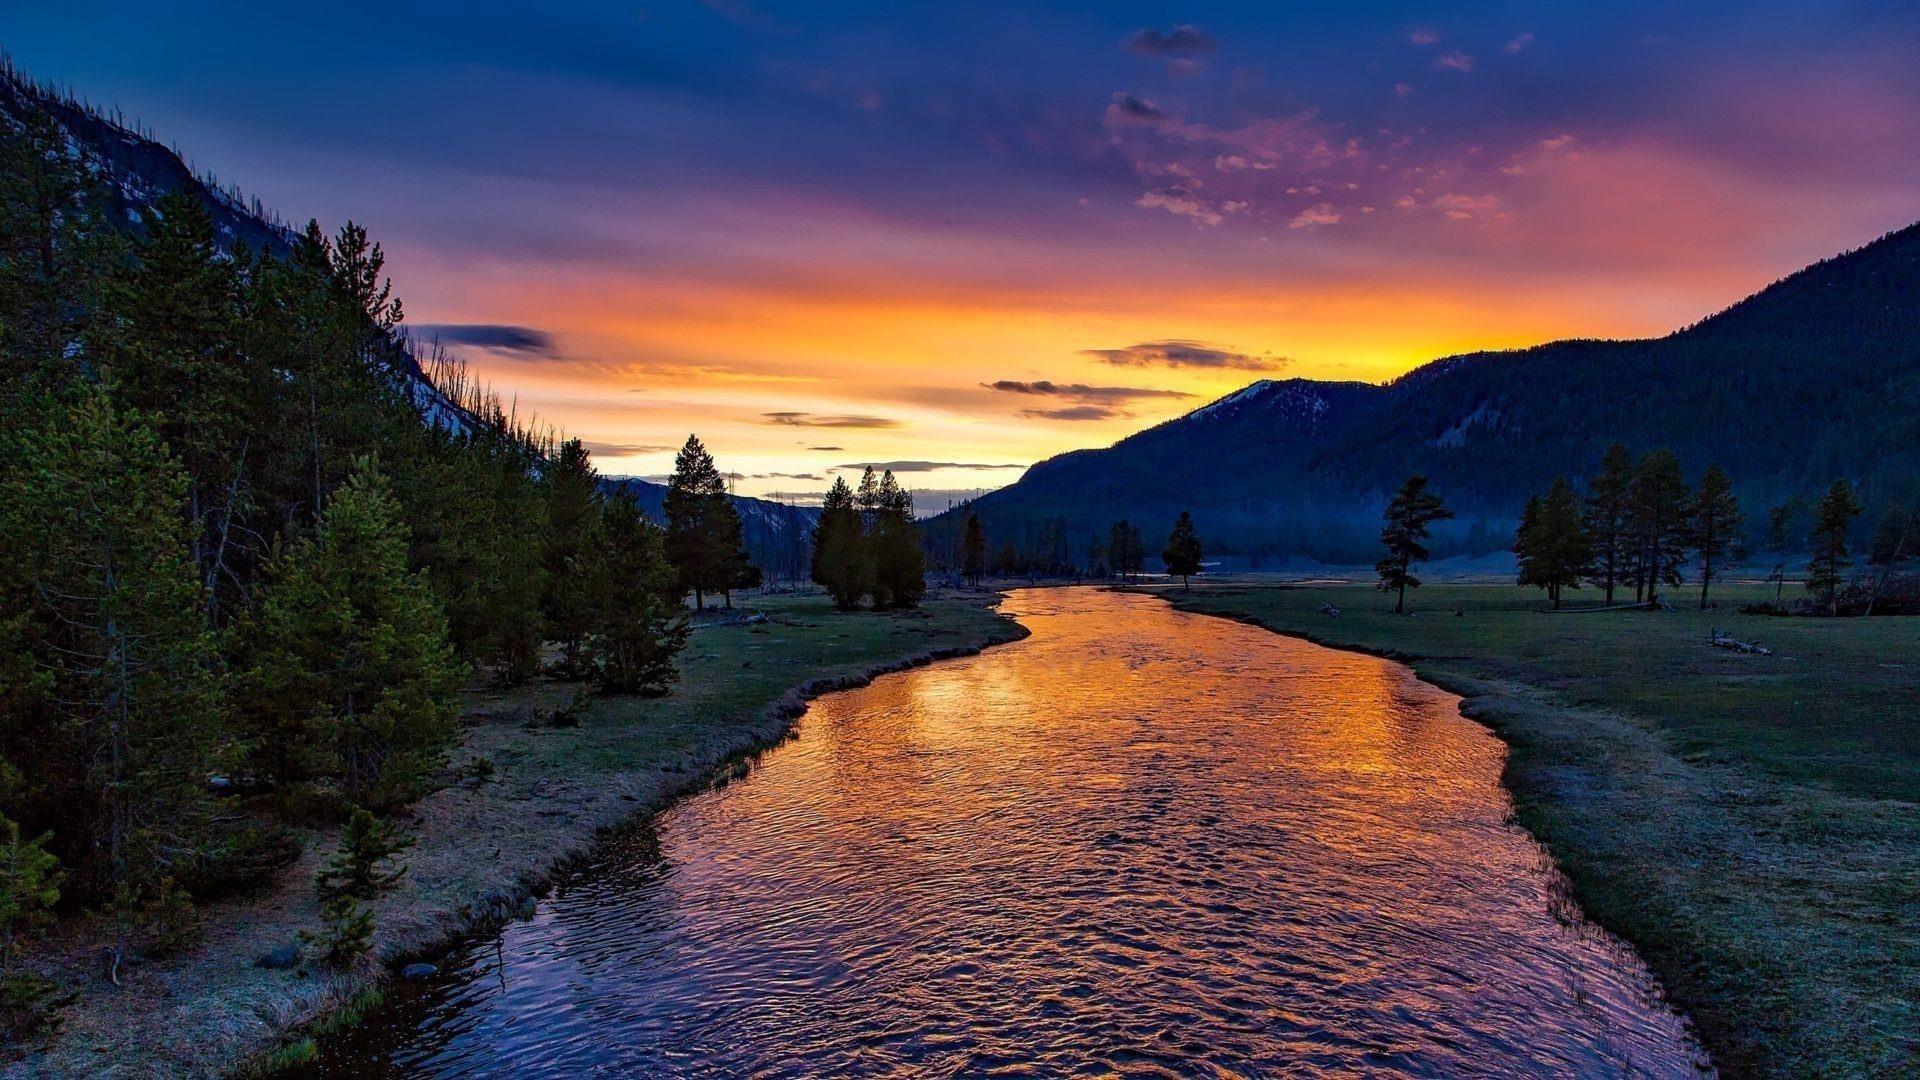 Река закат сумерки сумерки небо зеленая трава поле горы фон природа обои скачать